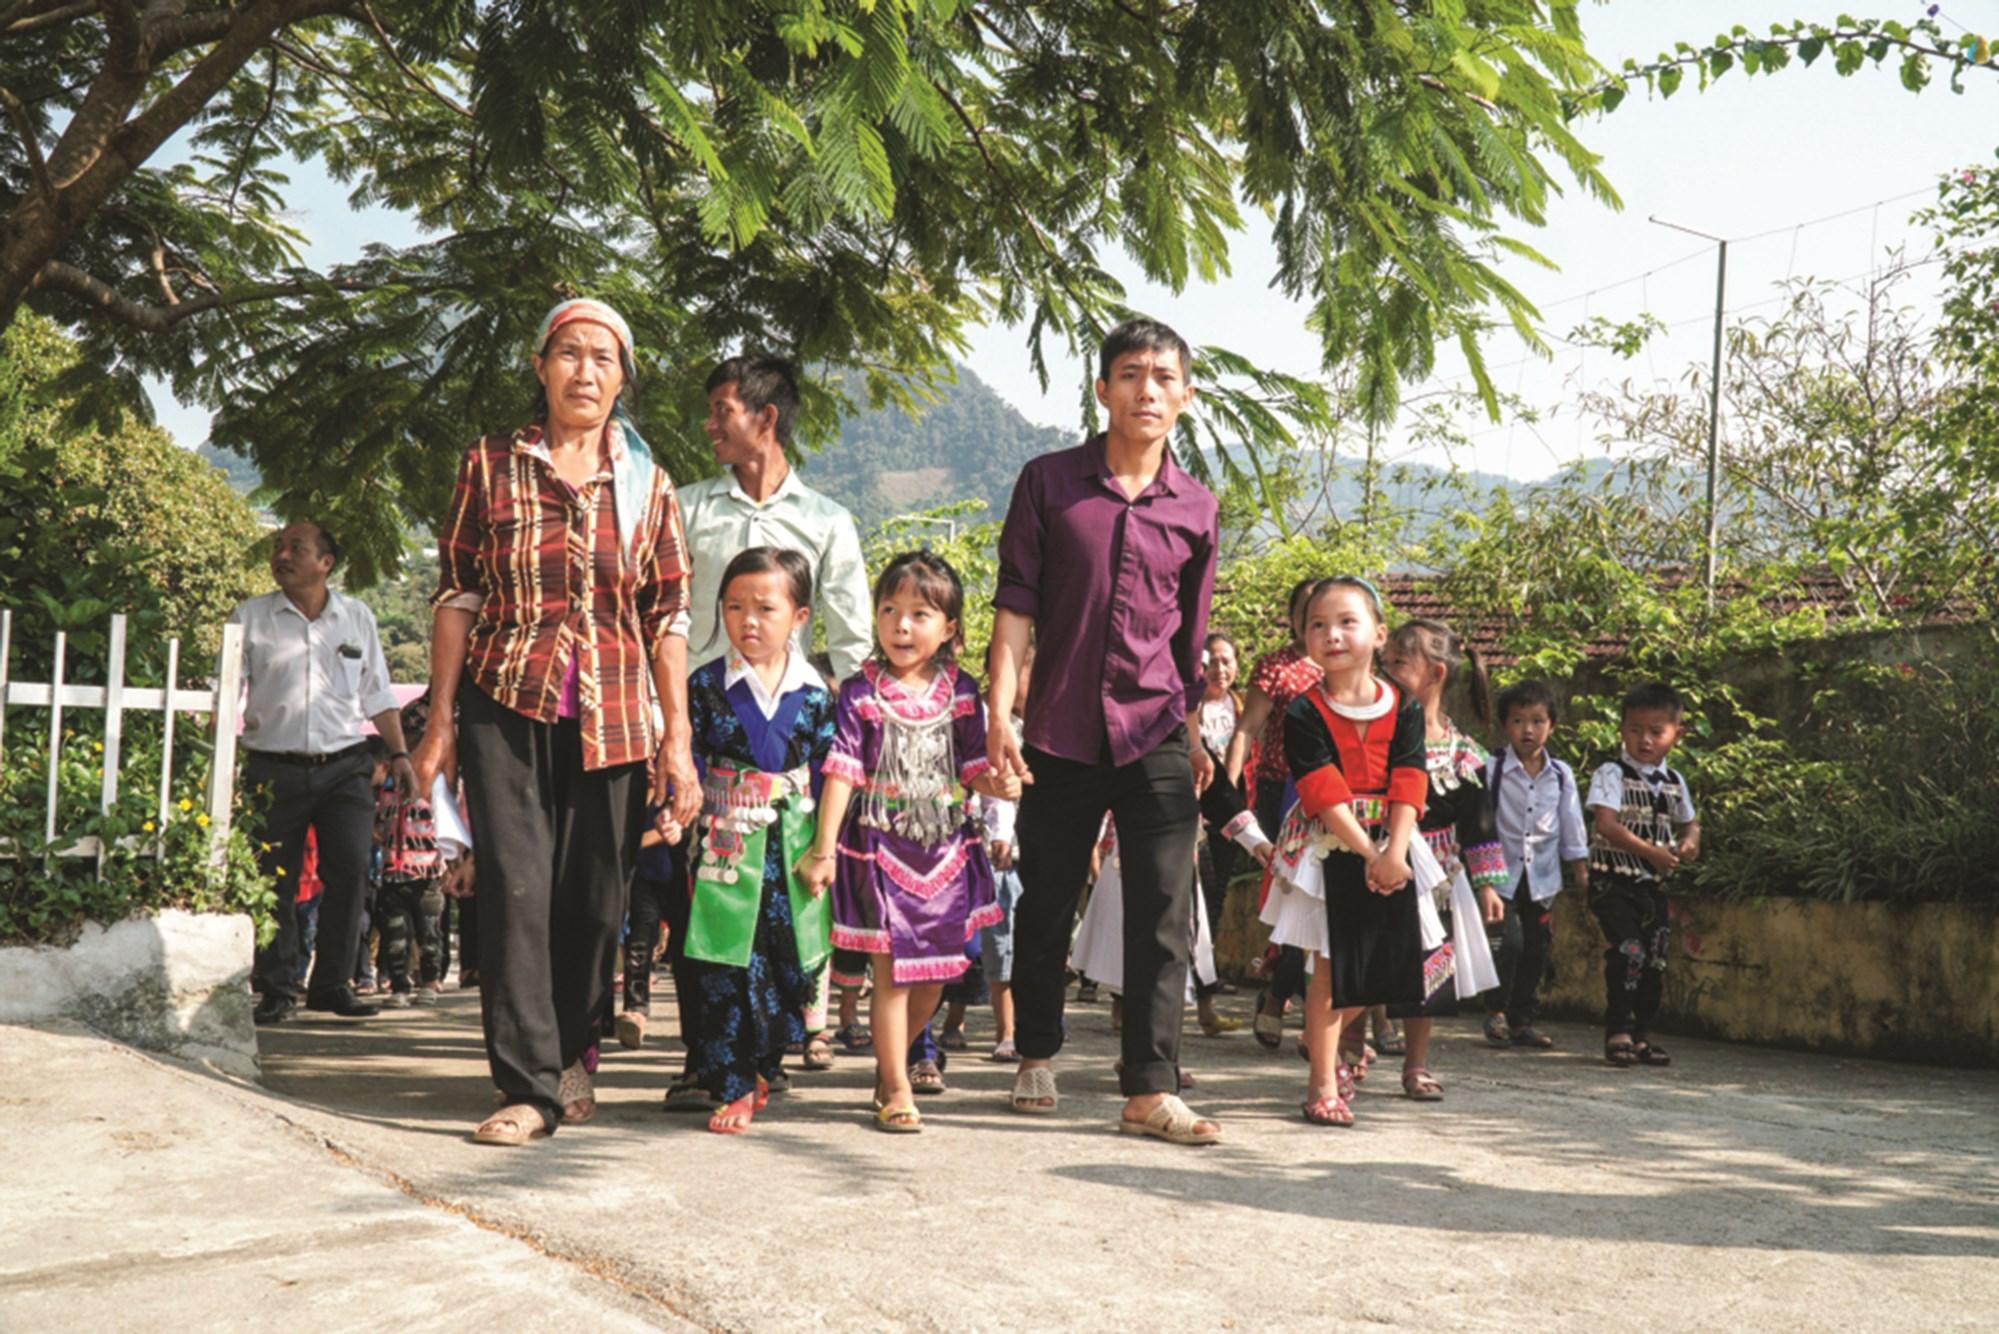 Tại Nghệ An, năm học 2020 - 2021, toàn tỉnh có khoảng 840 nghìn học sinh của hơn 1.500 trường học. Ngày tựu trường năm nay tổ chức muộn hơn so với các năm học trước do dịch Covid-19. Tuy nhiên, các hoạt động trong ngày tựu trường đều được các trường tổ chức chu đáo, tạo tâm thế chủ động cho năm học mới. (Trong ảnh: Phụ huynh trên địa bàn xã biên giới Nậm Cắn, huyện Kỳ Sơn náo nức đưa học sinh tựu trường năm học 2020 - 2021)